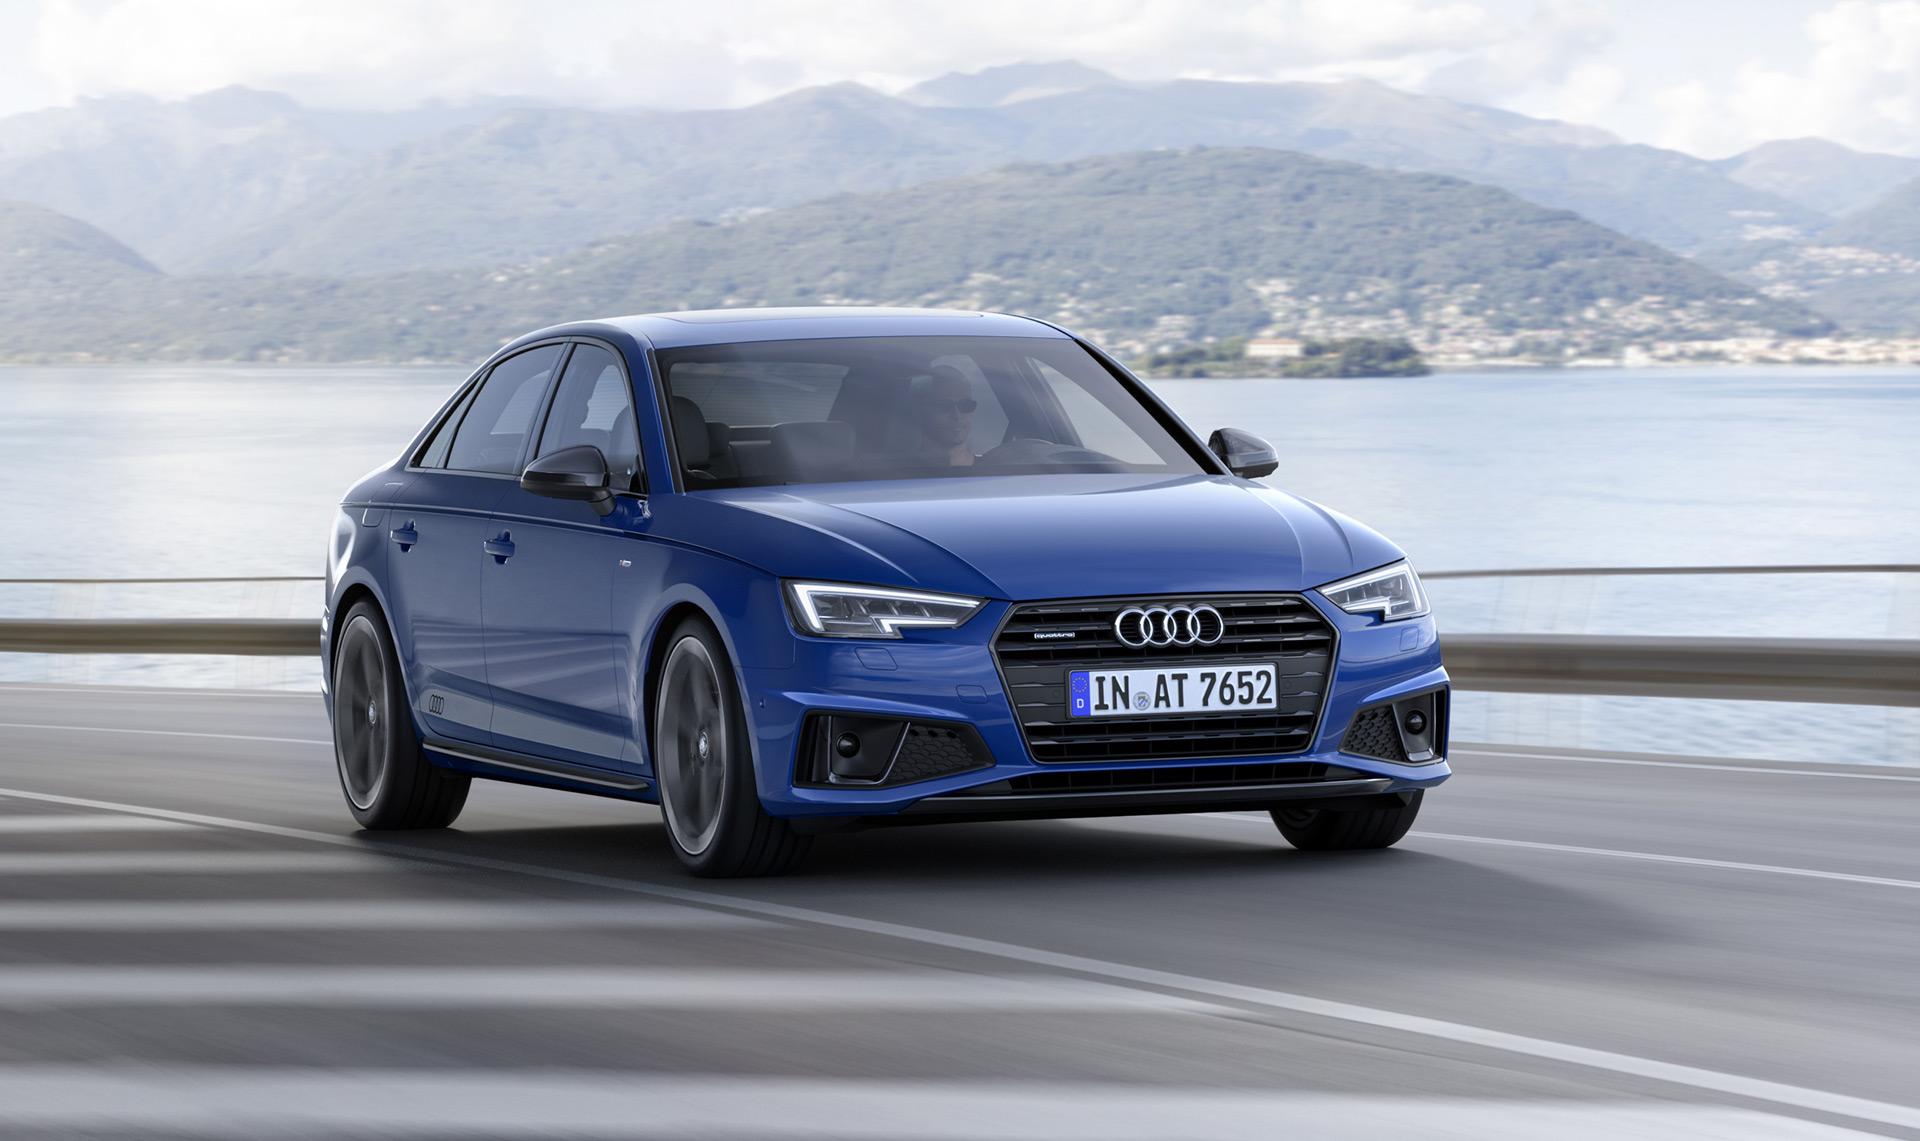 Kelebihan Audi A4 2019 Top Model Tahun Ini